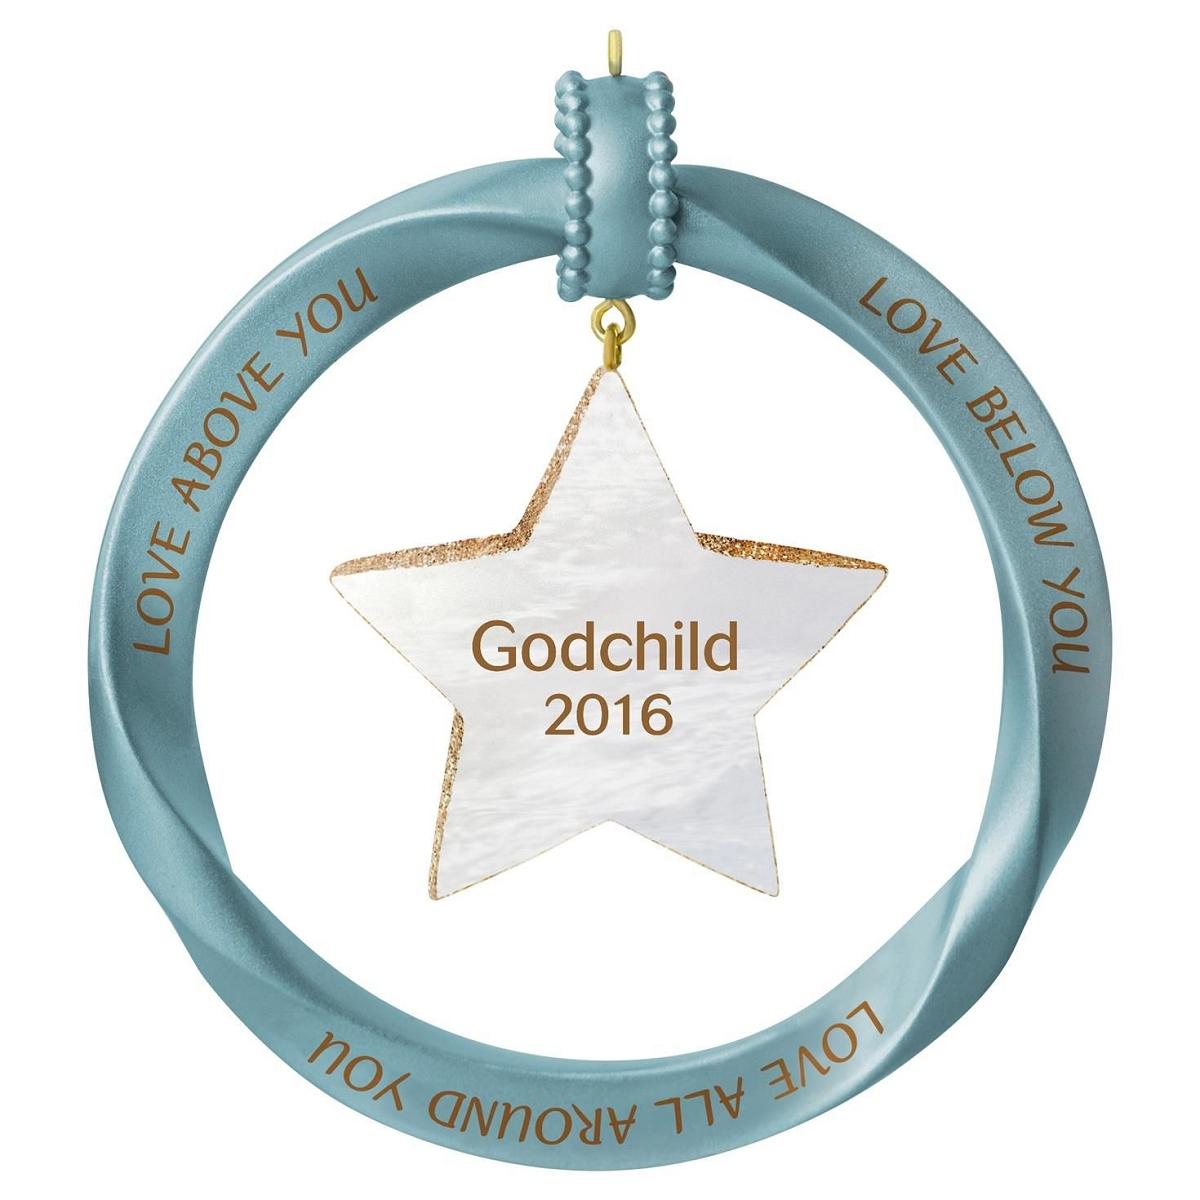 2016 Godchild Hallmark Keepsake Ornament - Hooked on ...